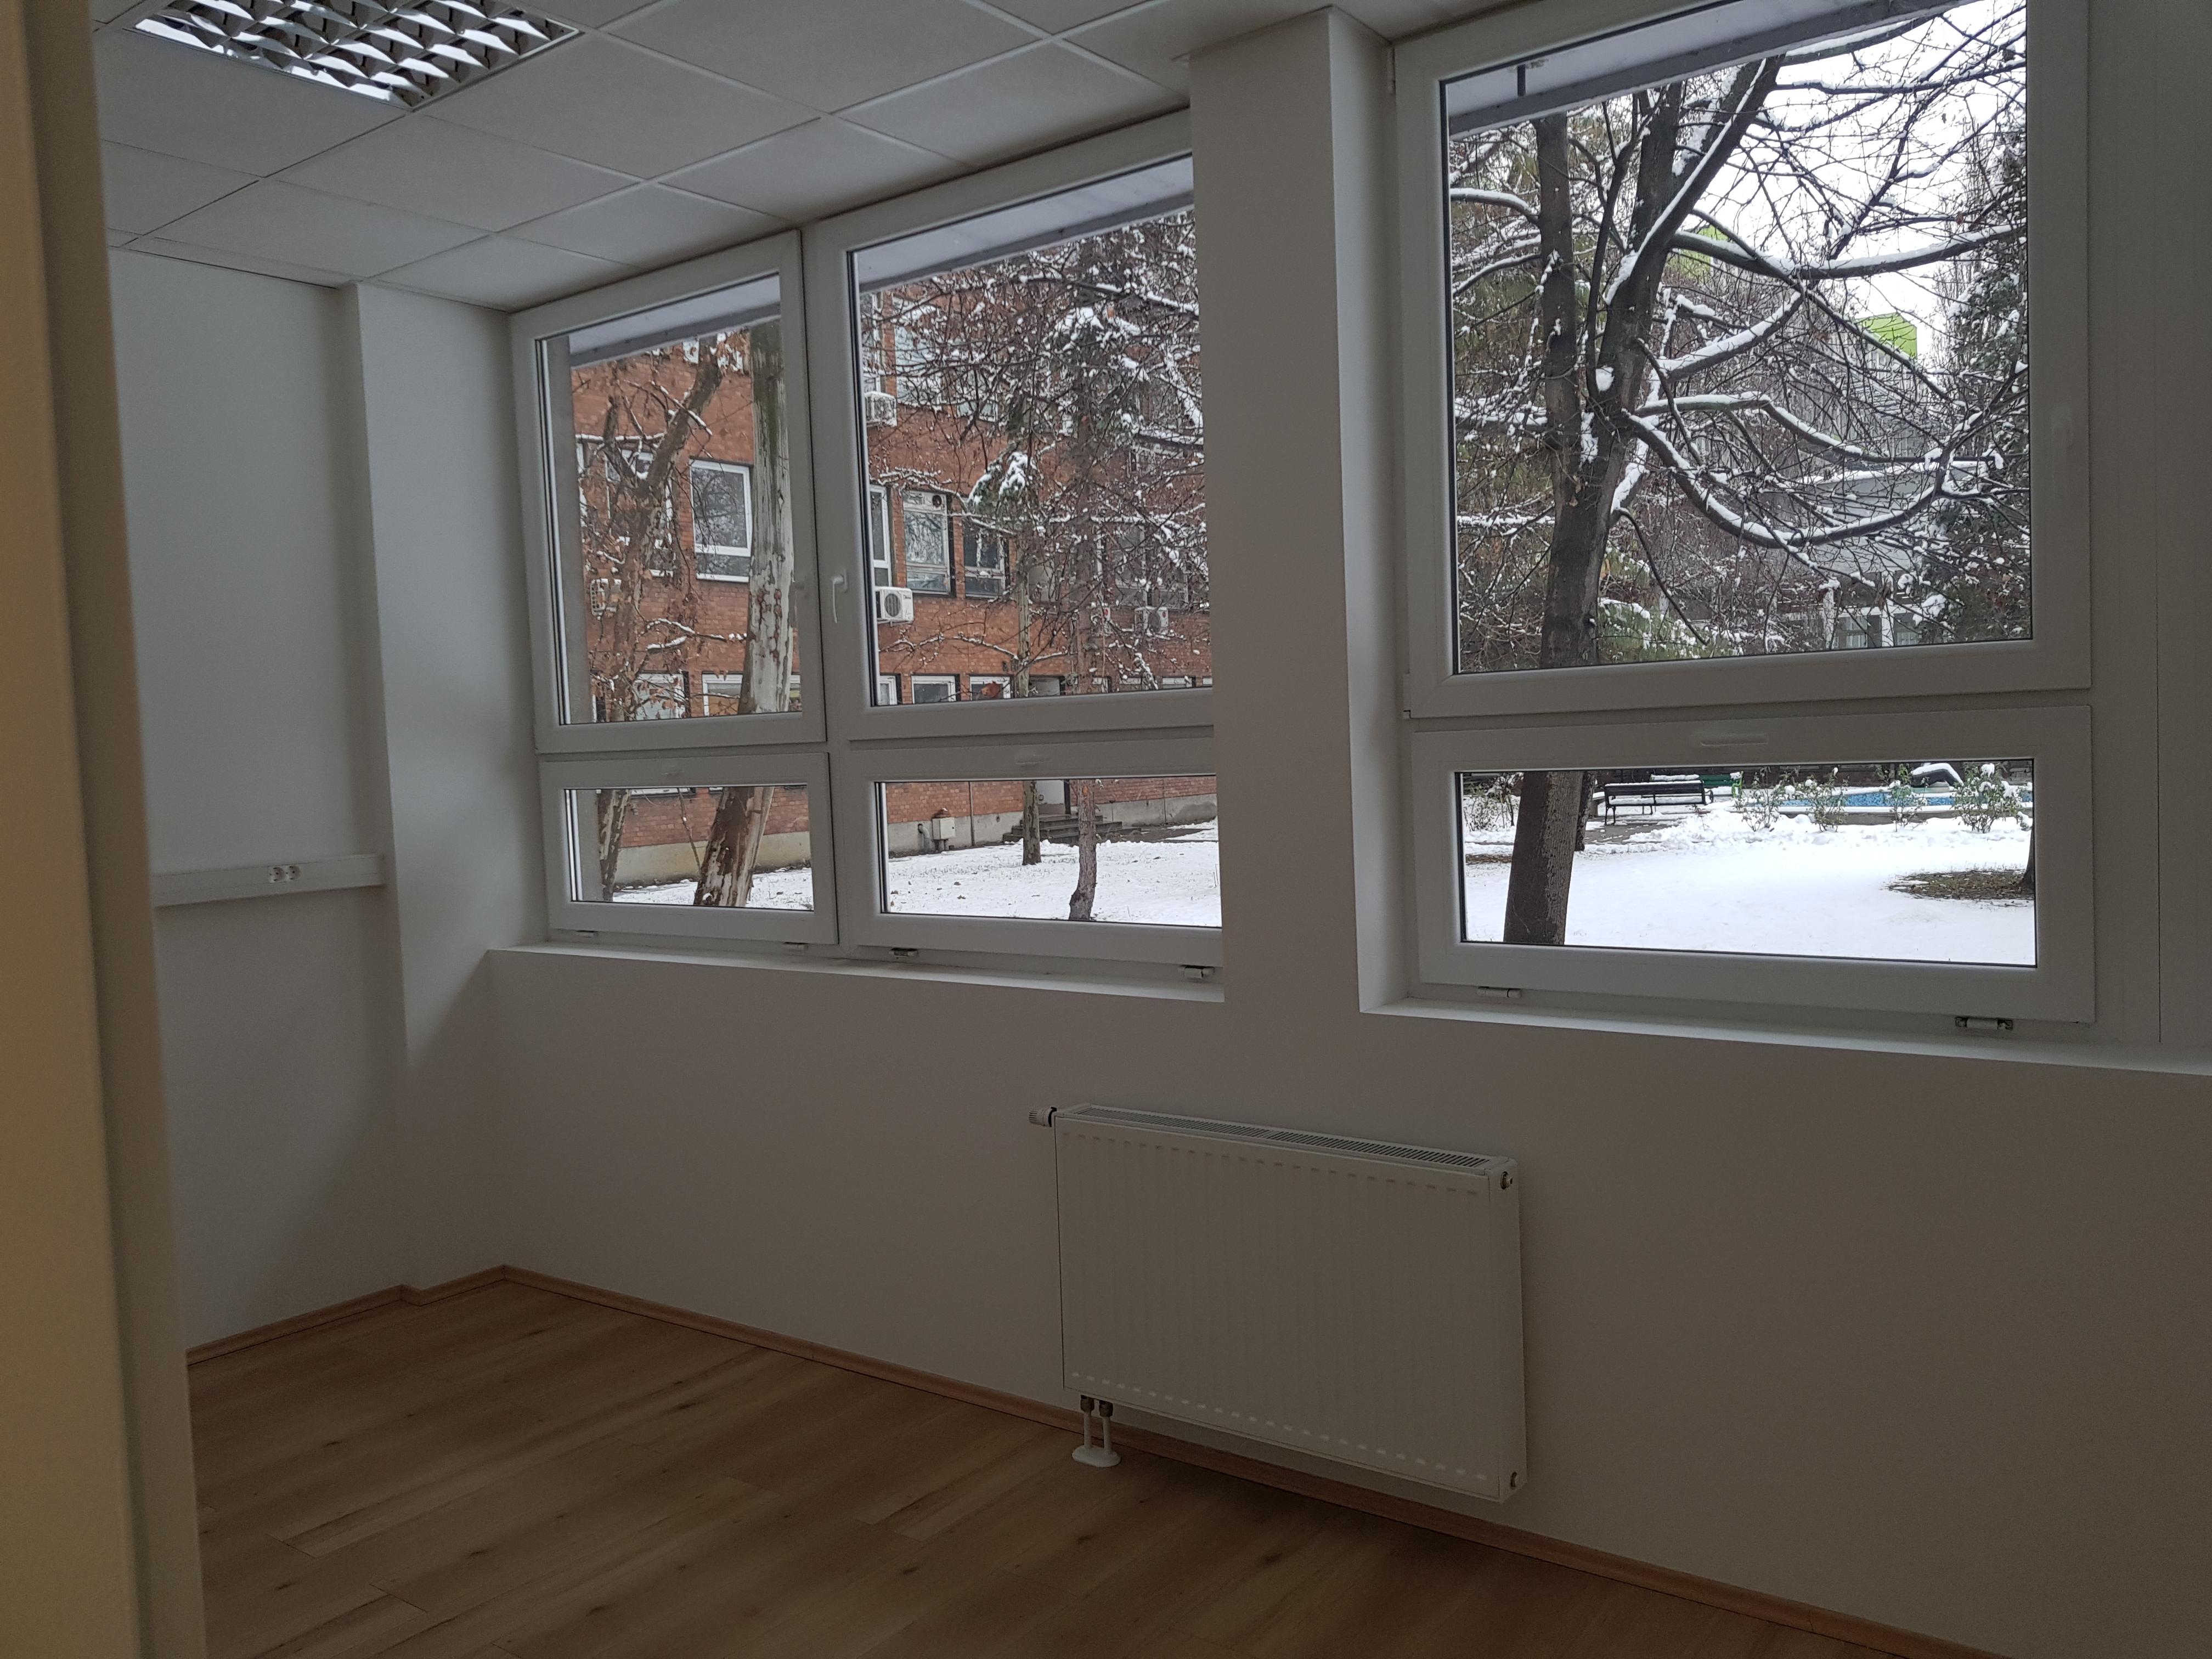 2-es épület 004-es iroda